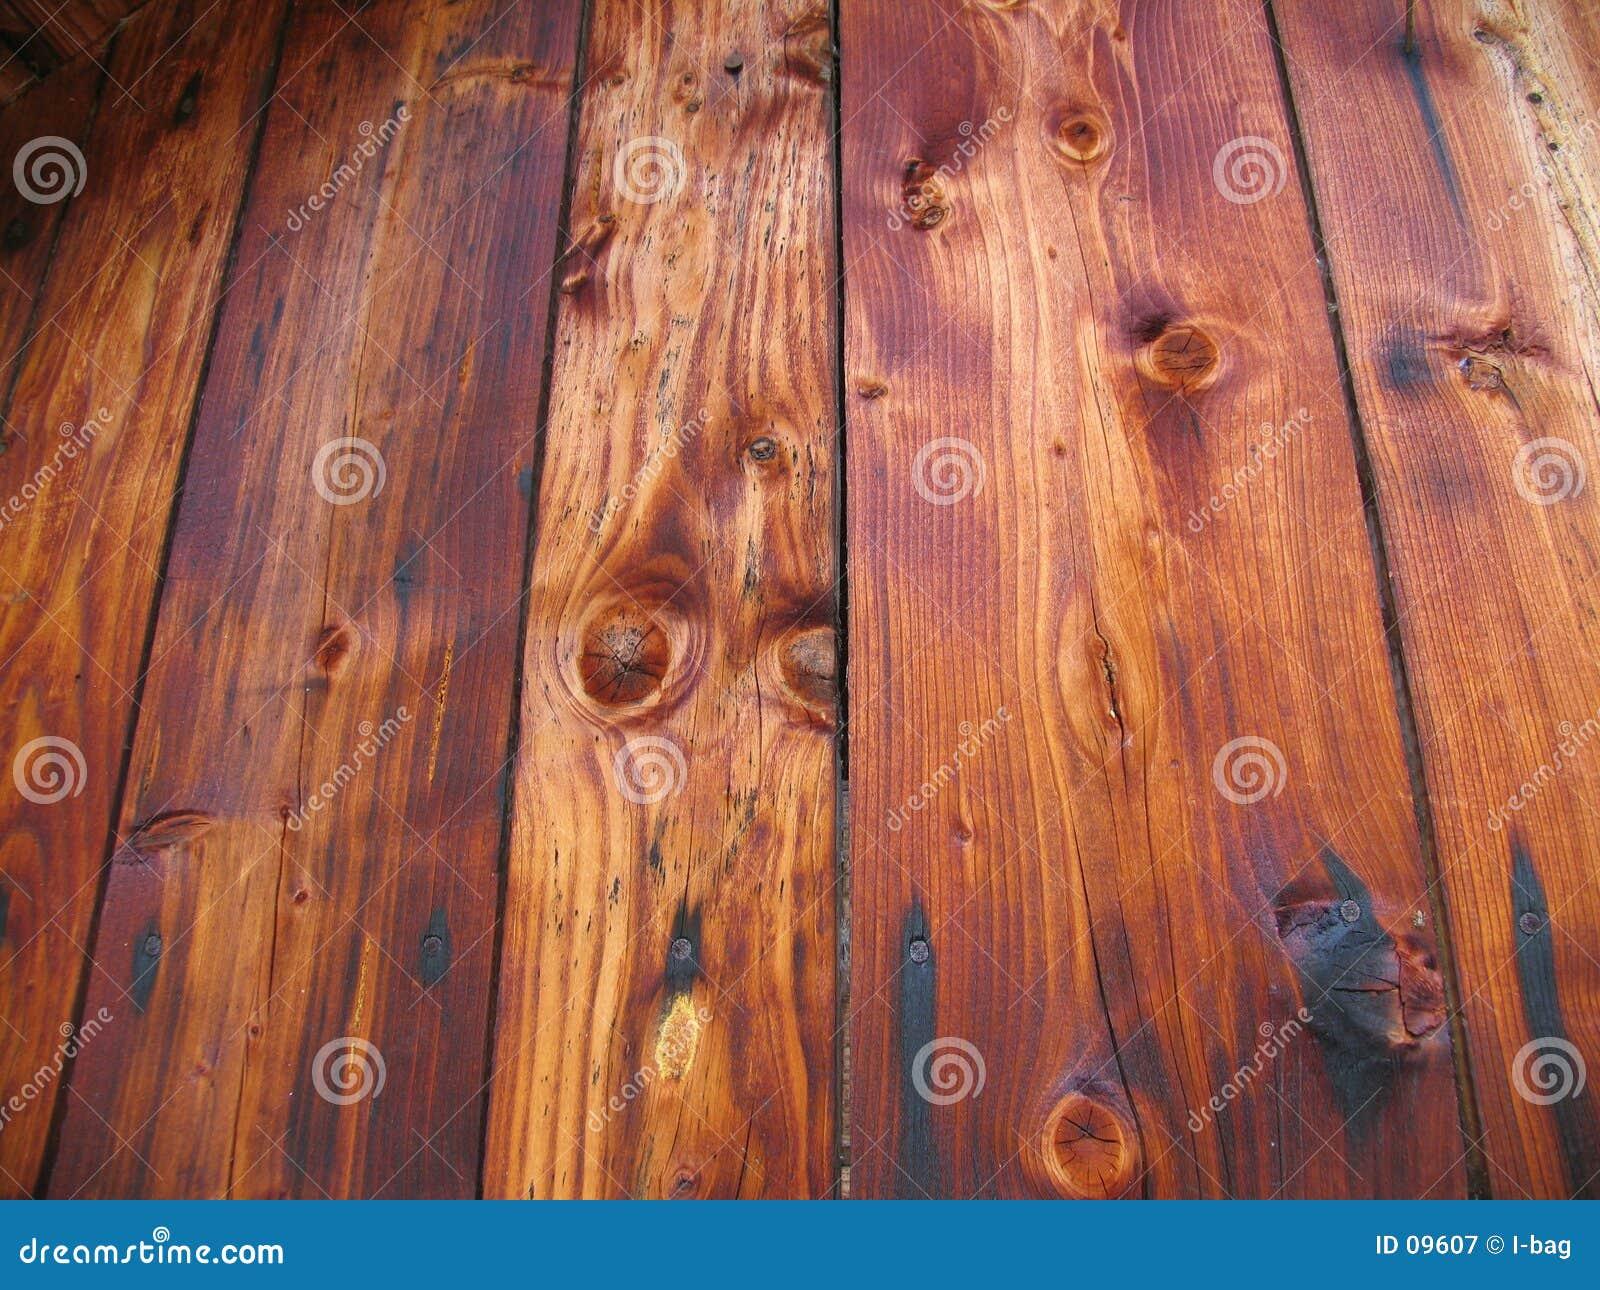 Old wooden plancks